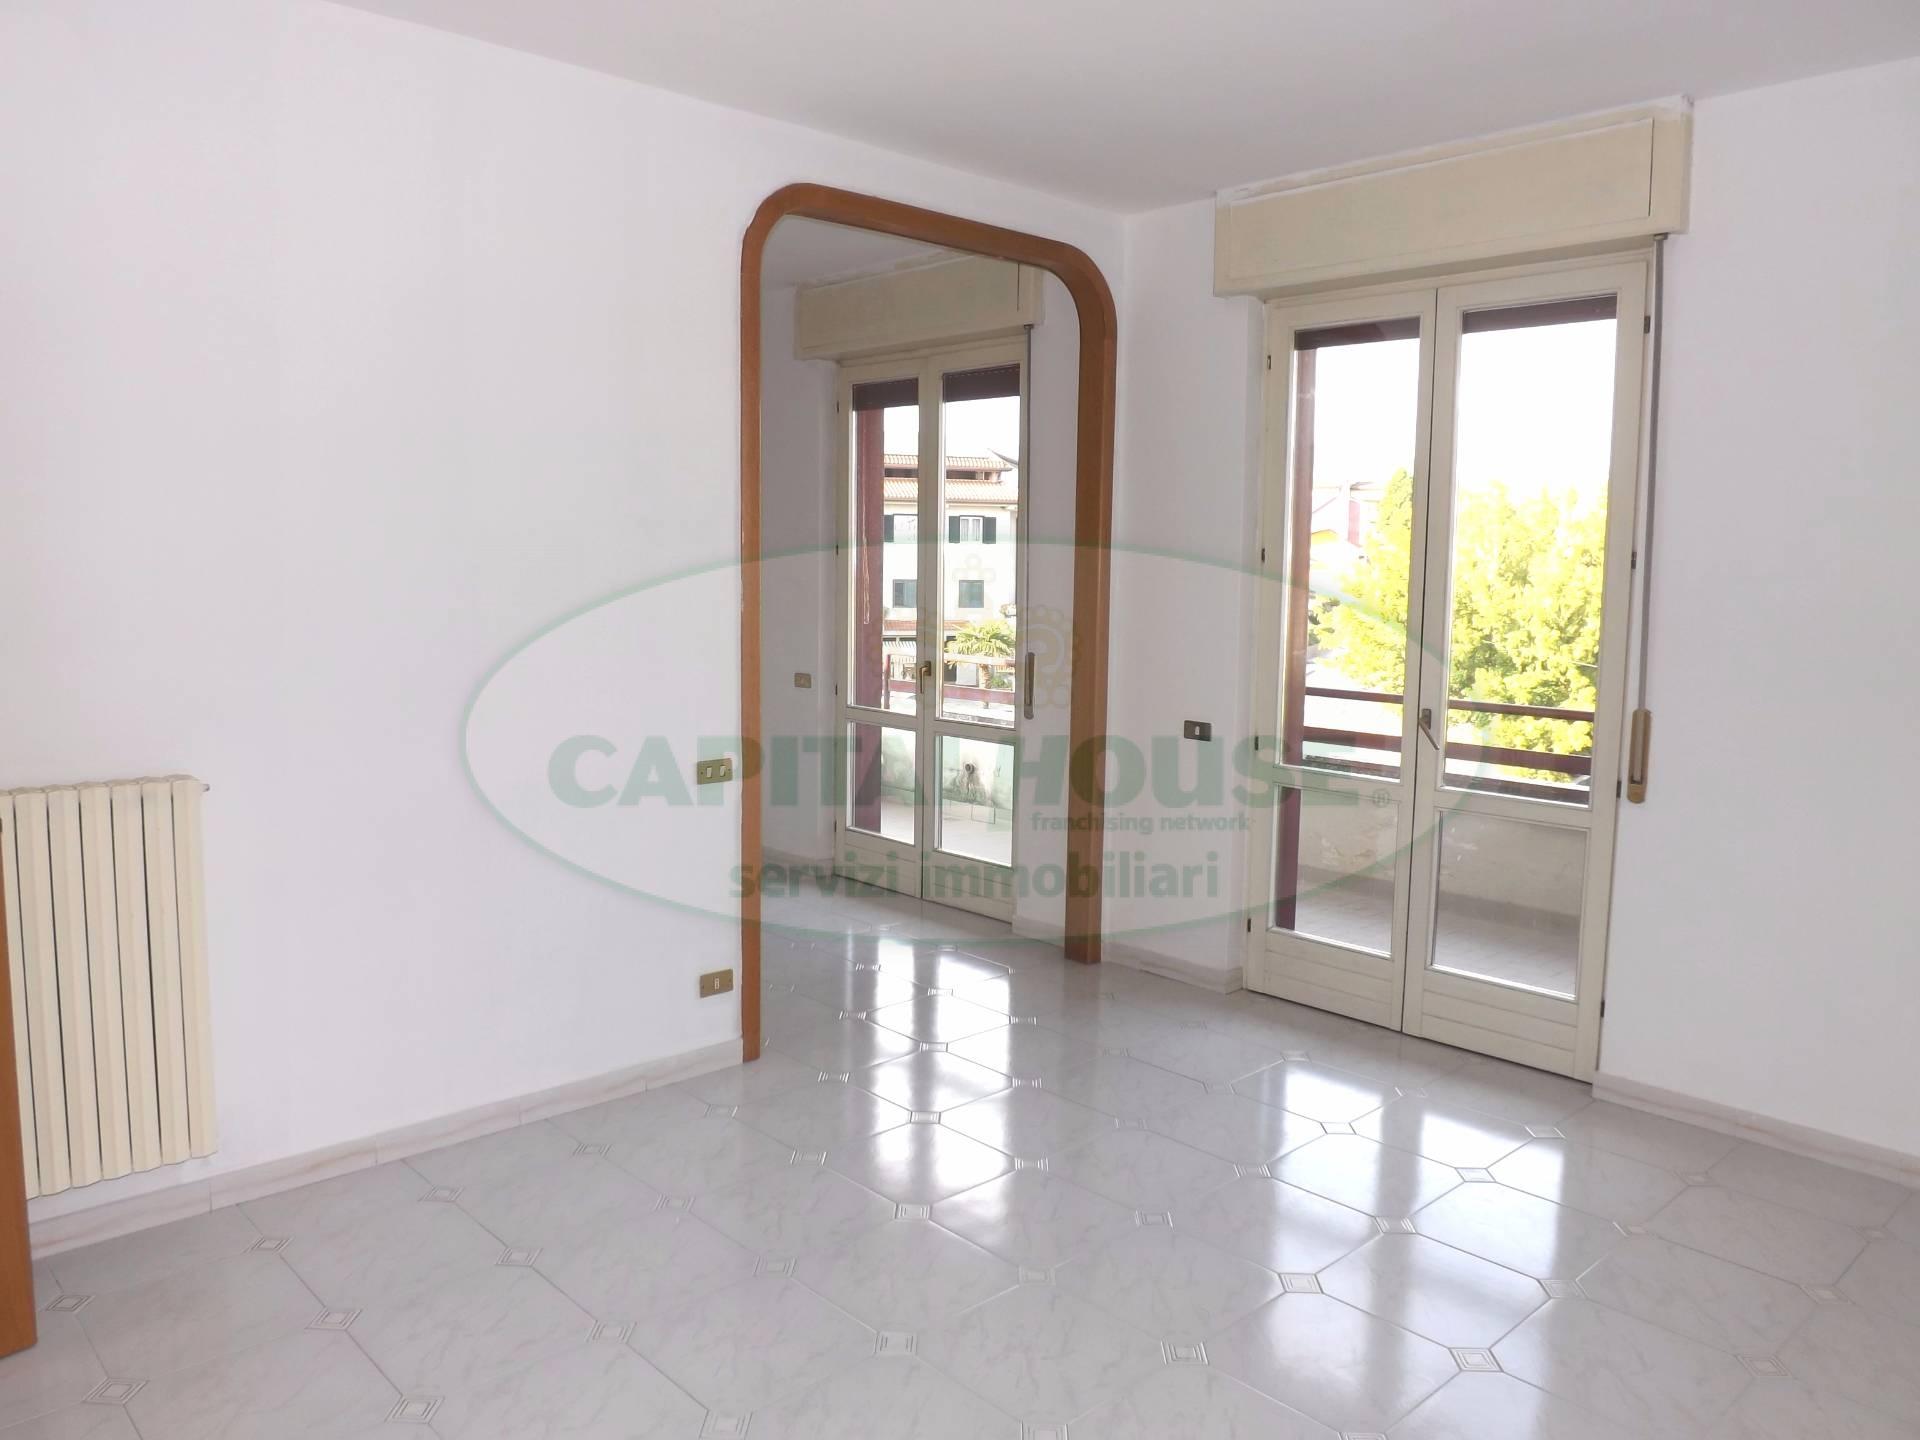 Appartamento in affitto a Prata di Principato Ultra, 3 locali, prezzo € 350 | CambioCasa.it